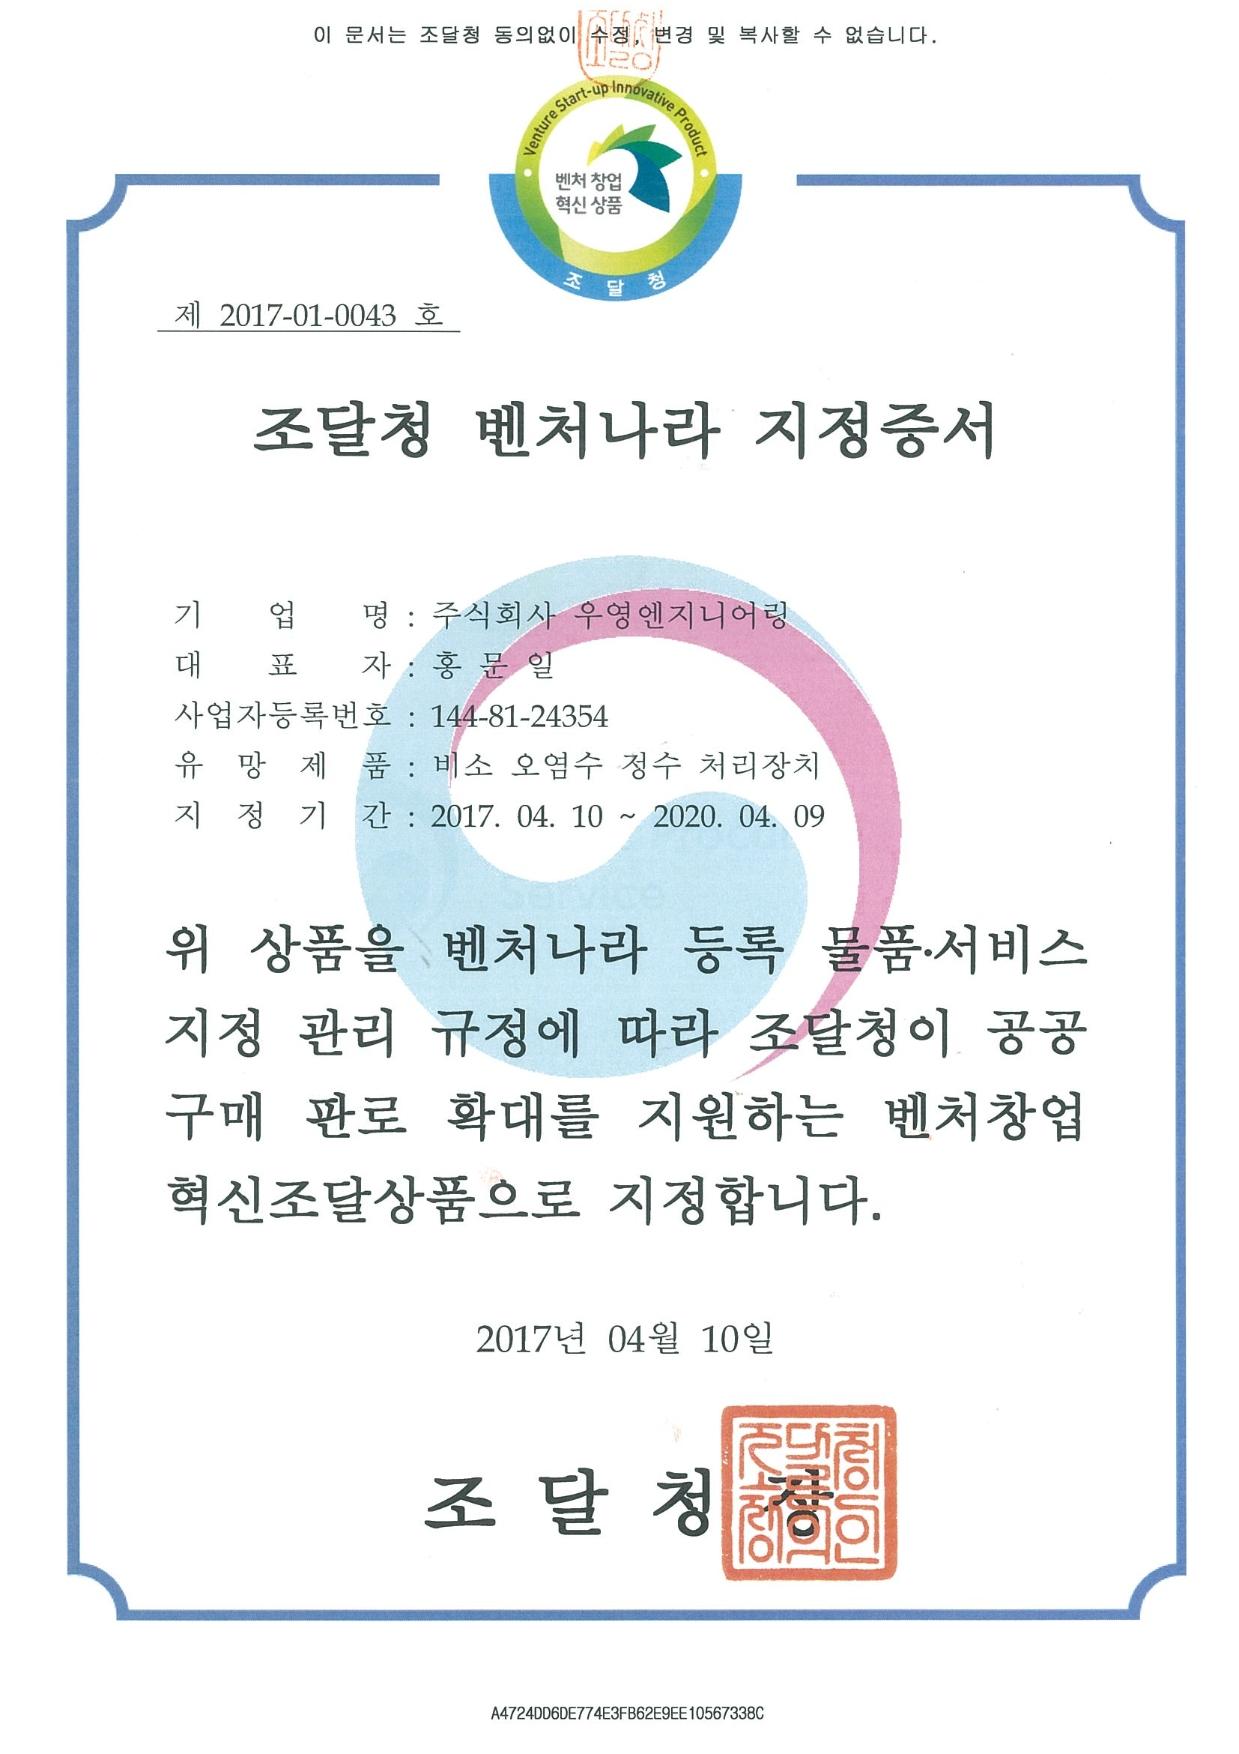 조달청 벤처나라 지정증서